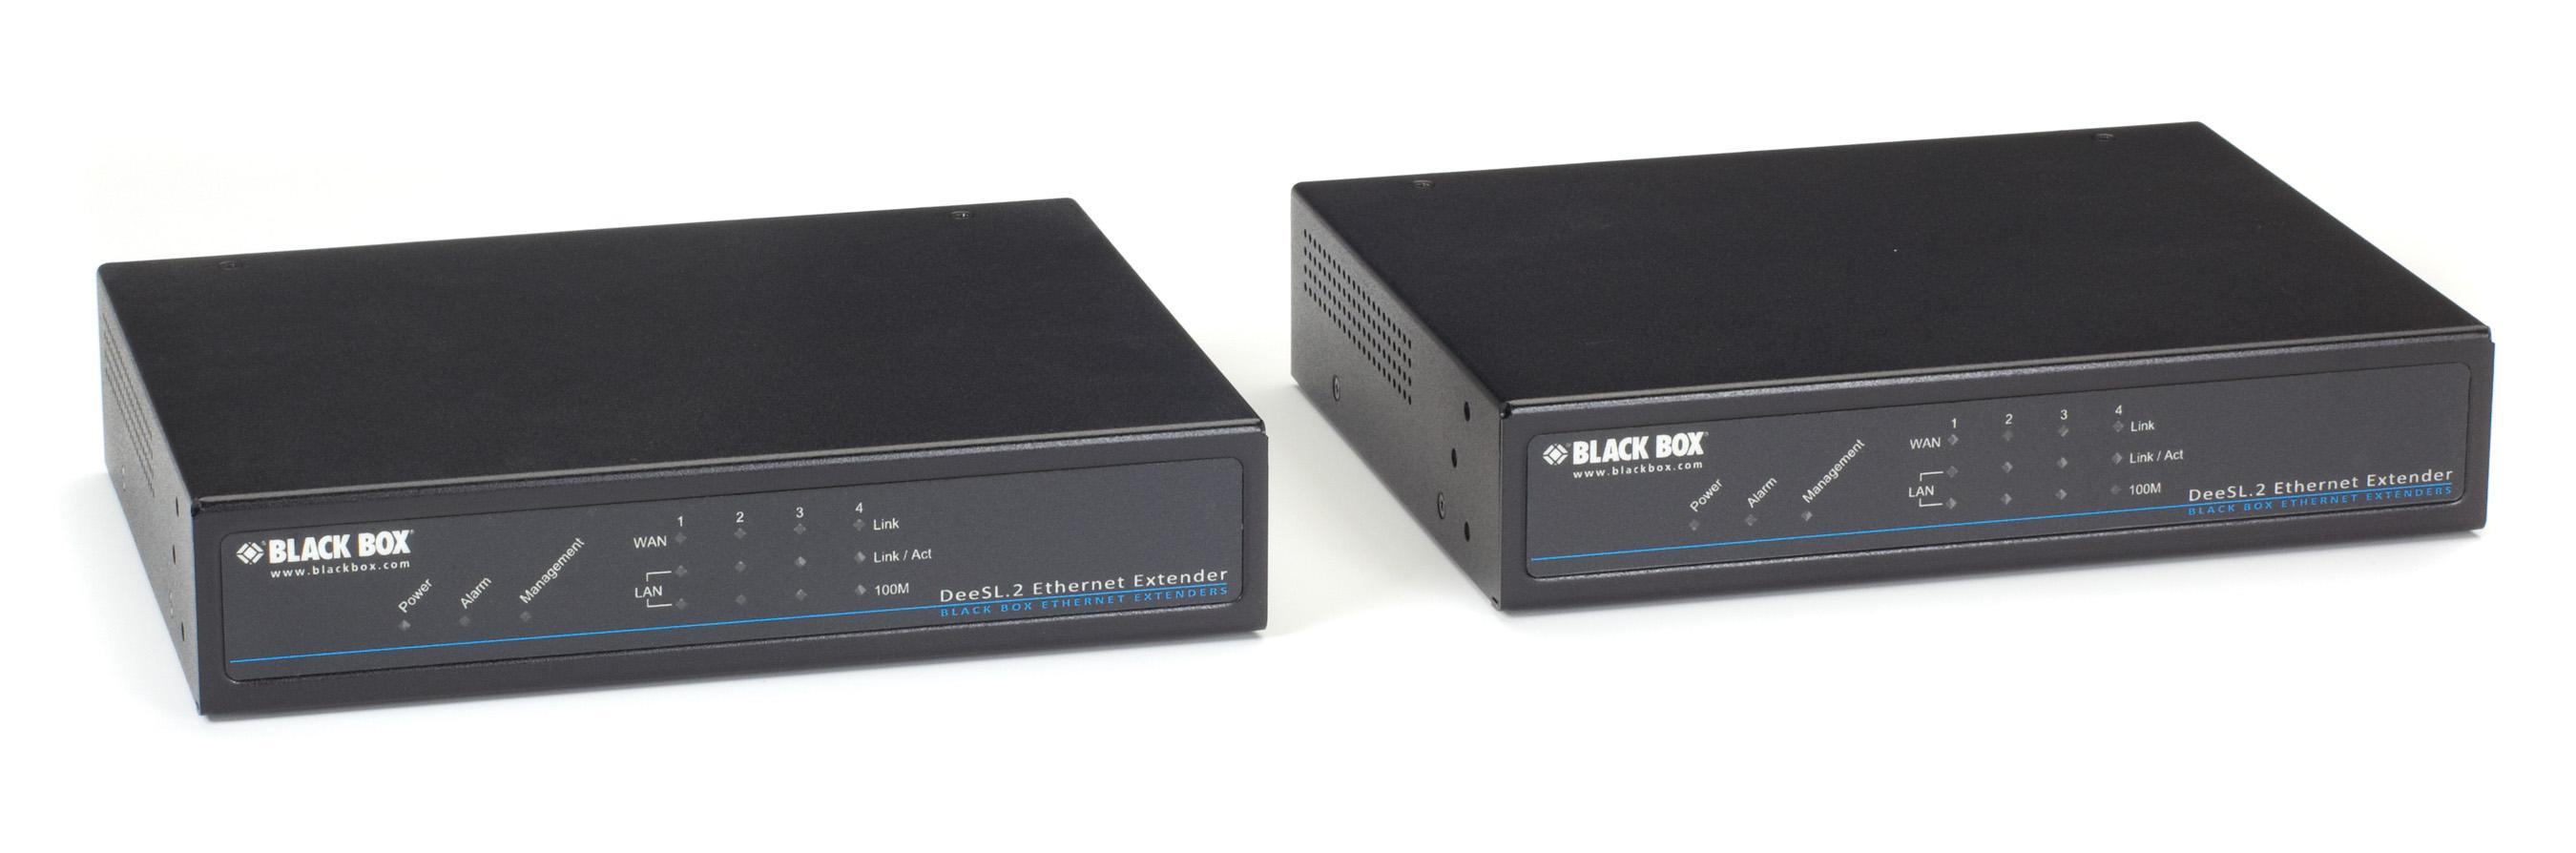 Ethernet Extender Kit 4 Port 8 Wire Managed